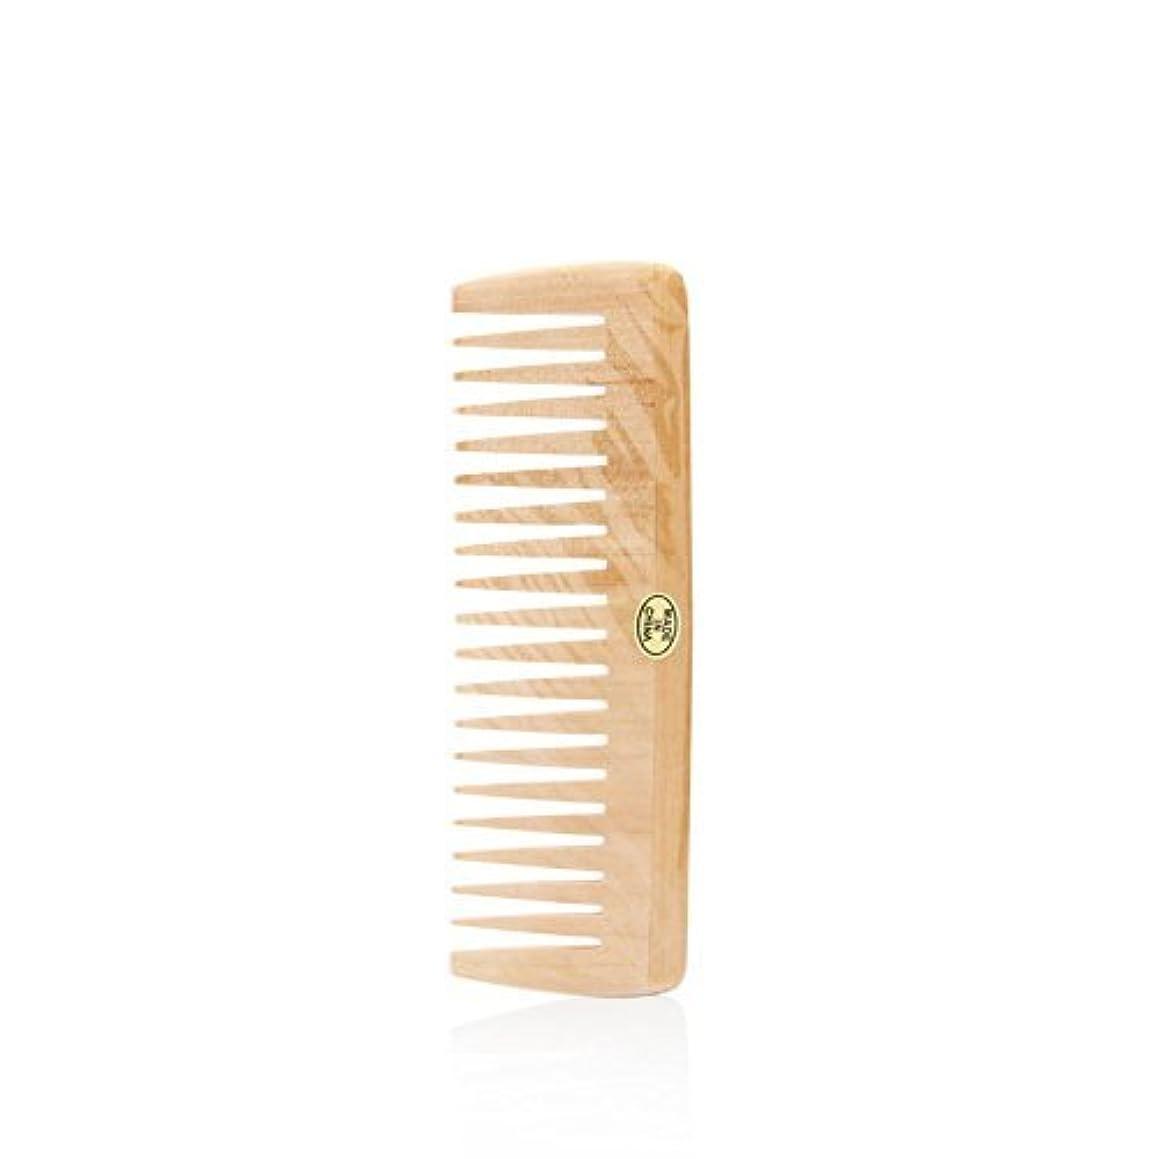 イデオロギー雇用者火曜日Bath Accessories Wood Detangling Comb [並行輸入品]